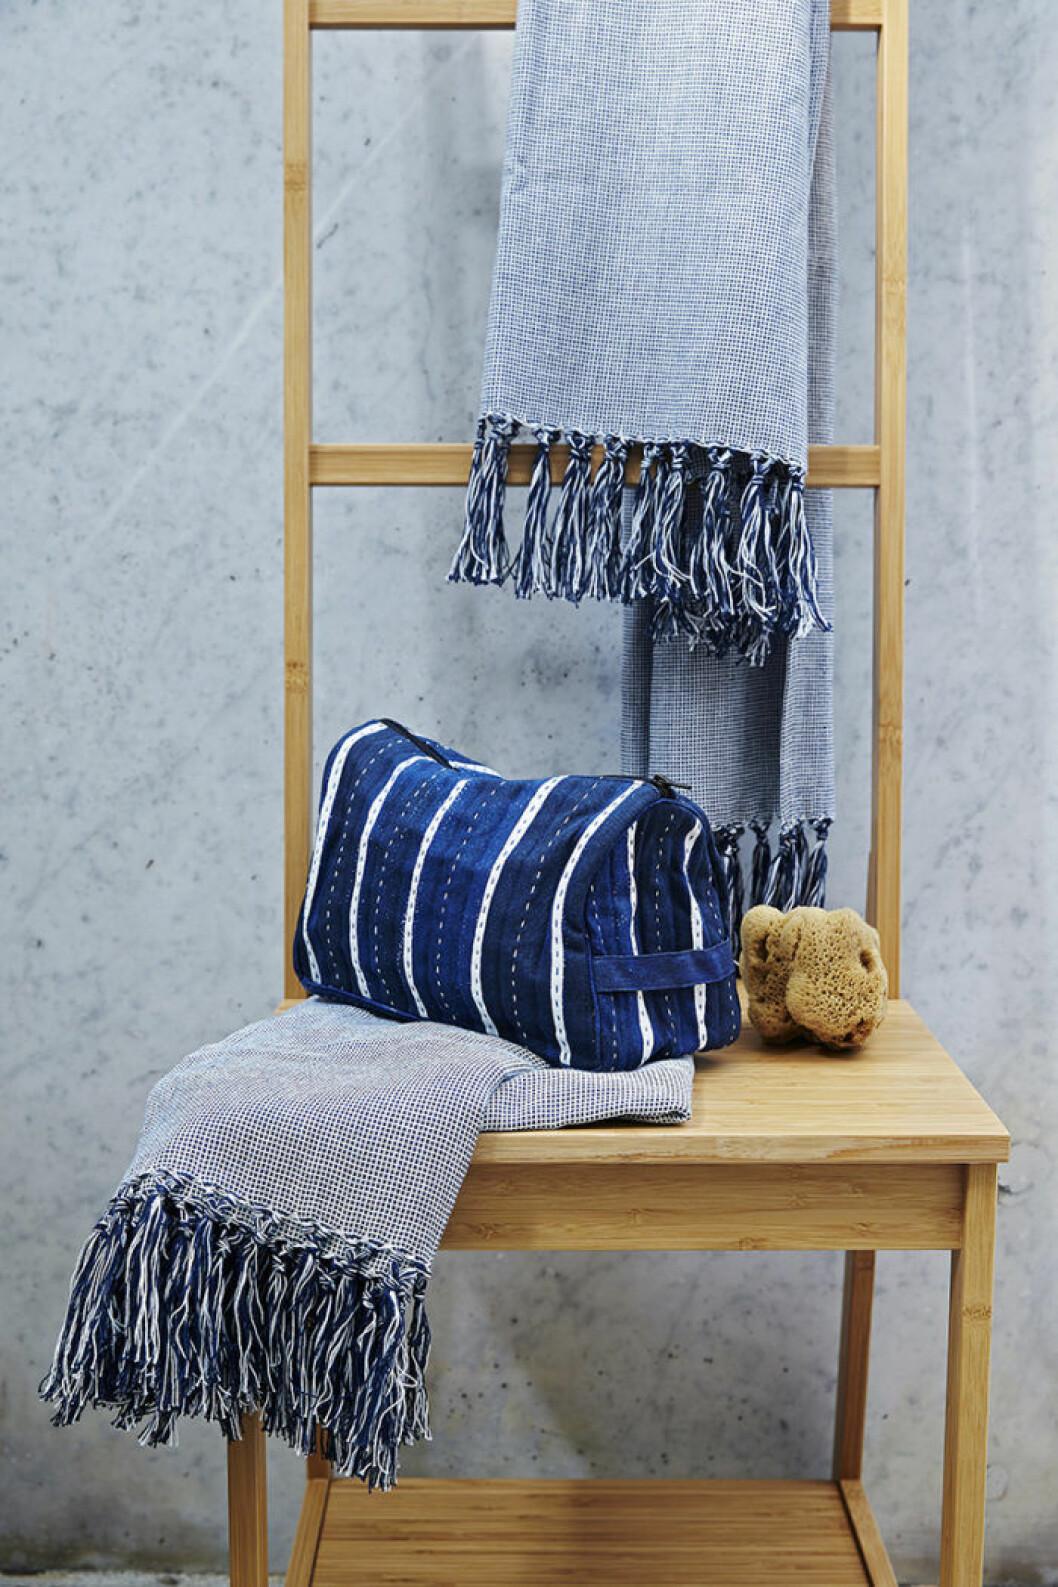 Ikeas kollektion Innehållsrik, blå handdukar.